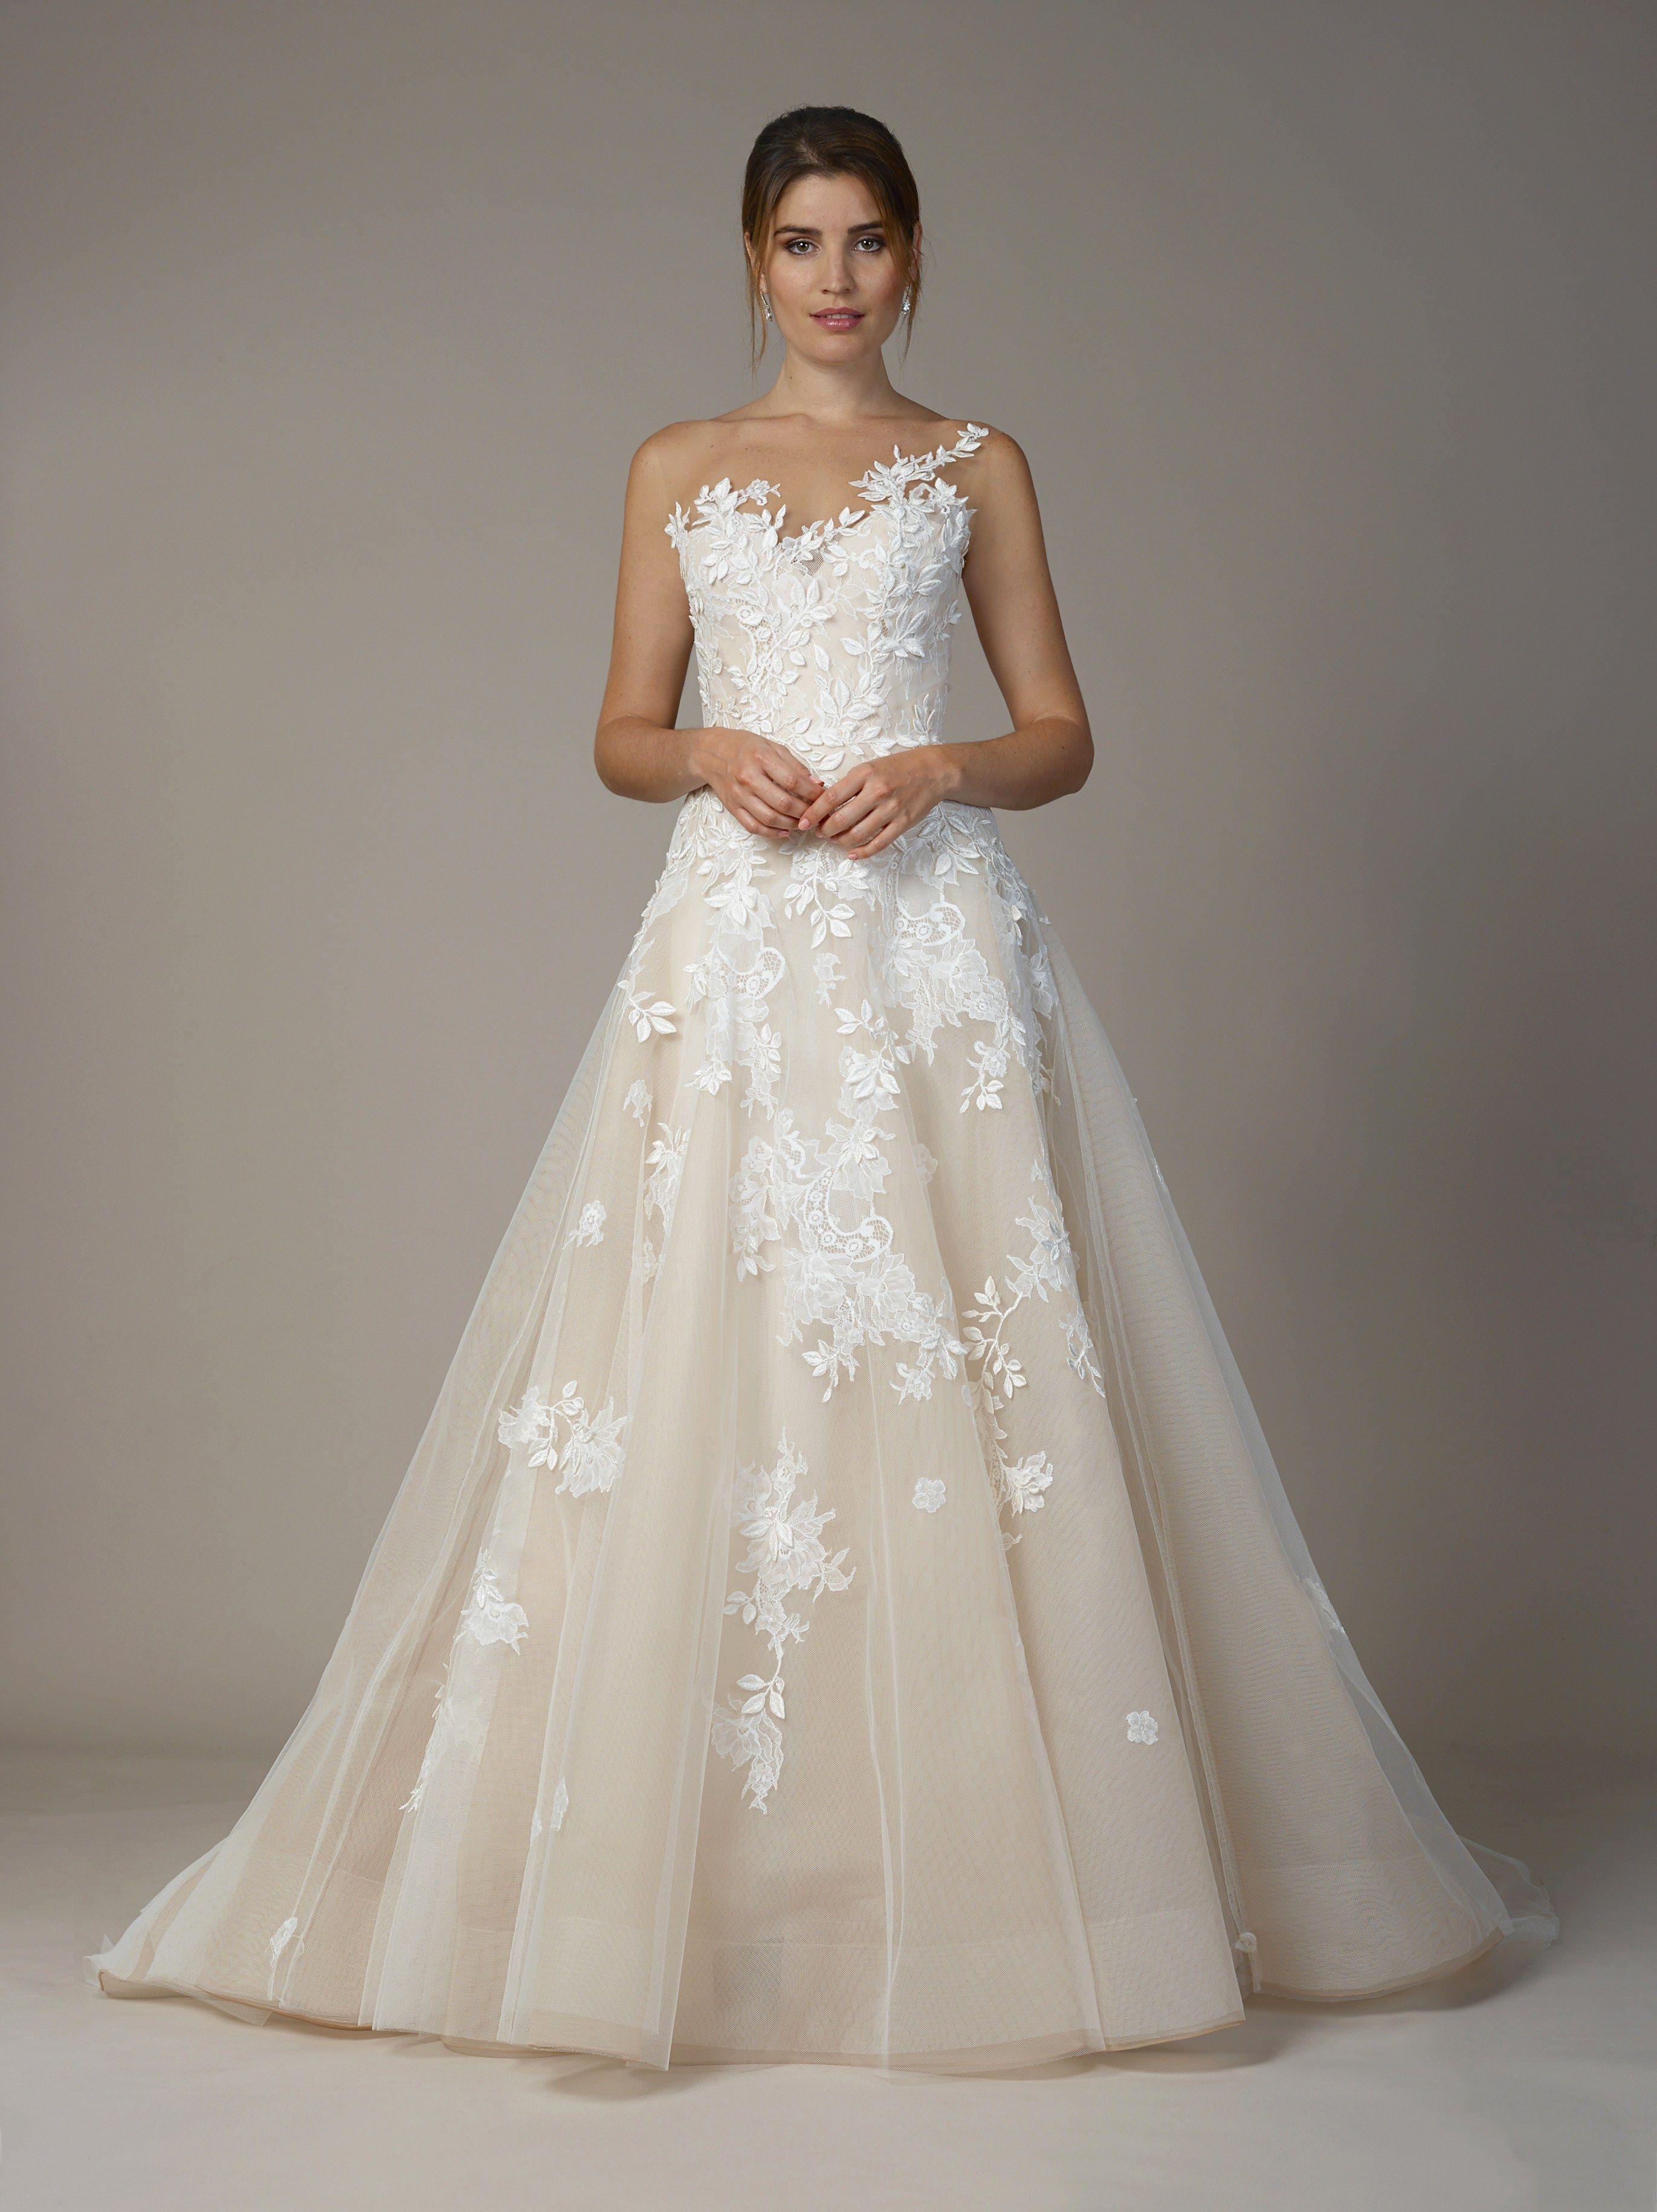 Liancarlo bridal u wedding dress collection fall brides